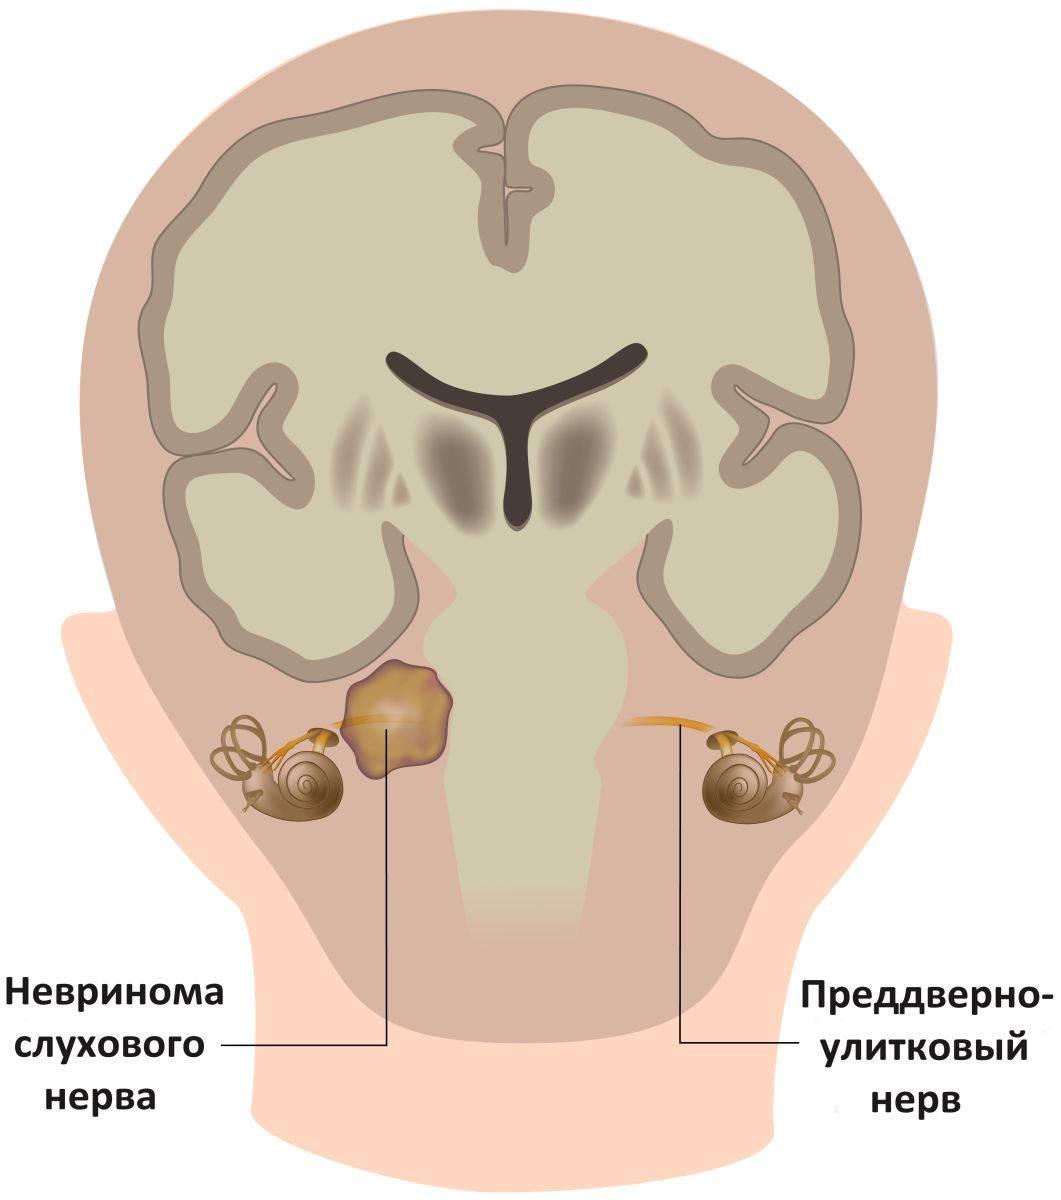 лечение невриномы слухового нерва без операции